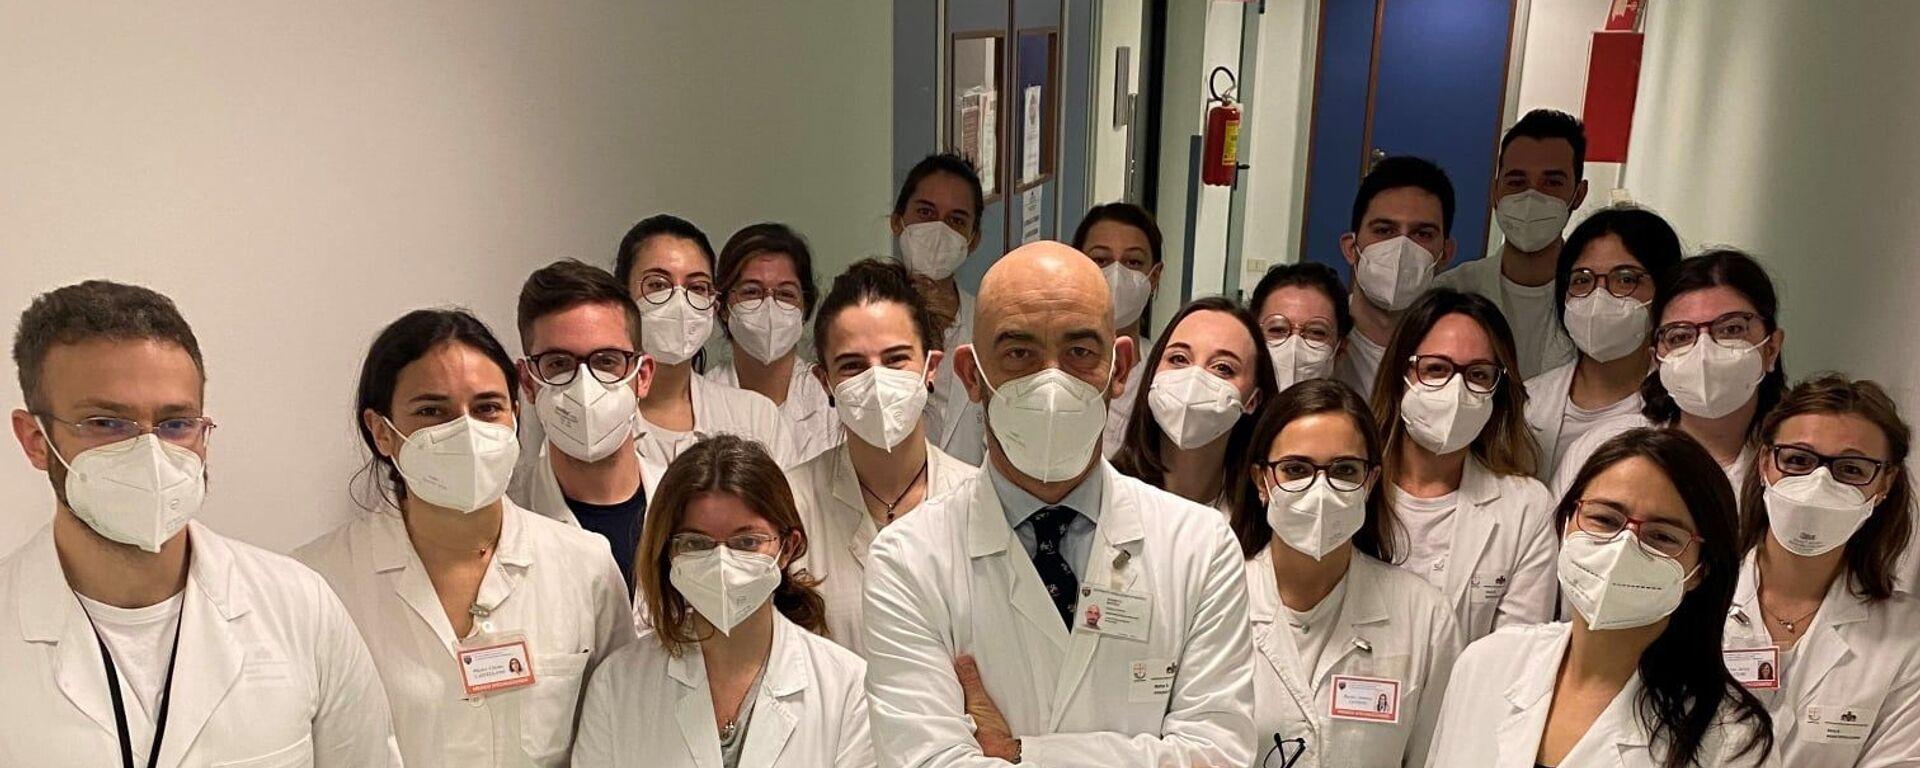 Matteo Bassetti e la sua equipe di medici - Sputnik Italia, 1920, 04.08.2021